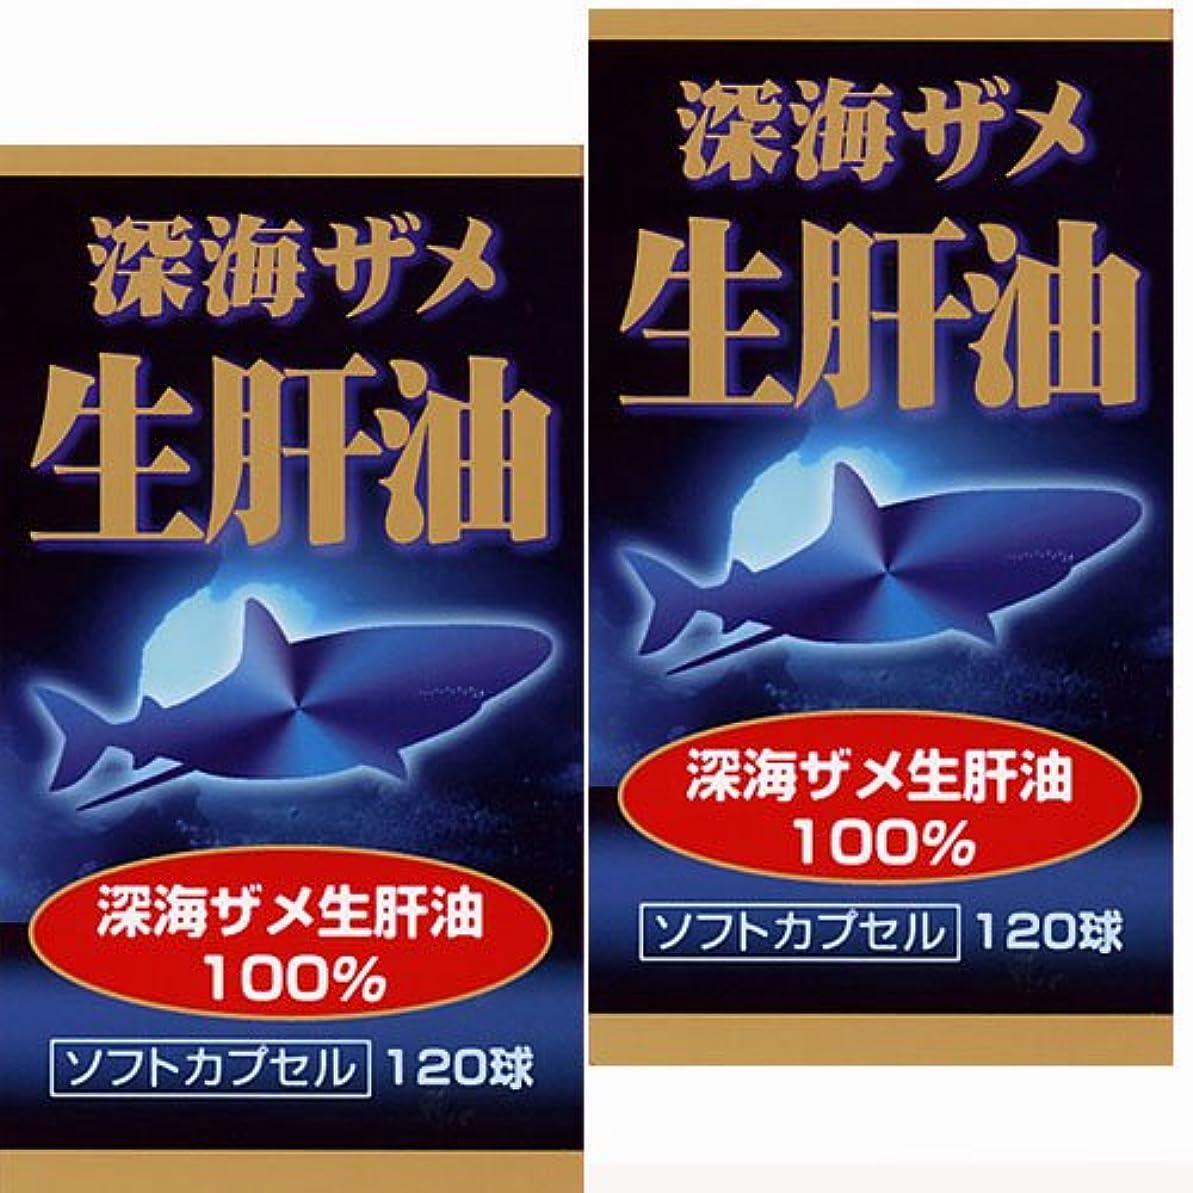 テクスチャー議論するの間に【2個】ユウキ製薬 深海ザメ生肝油 30日分 120球x2個 (4524326201065-2)